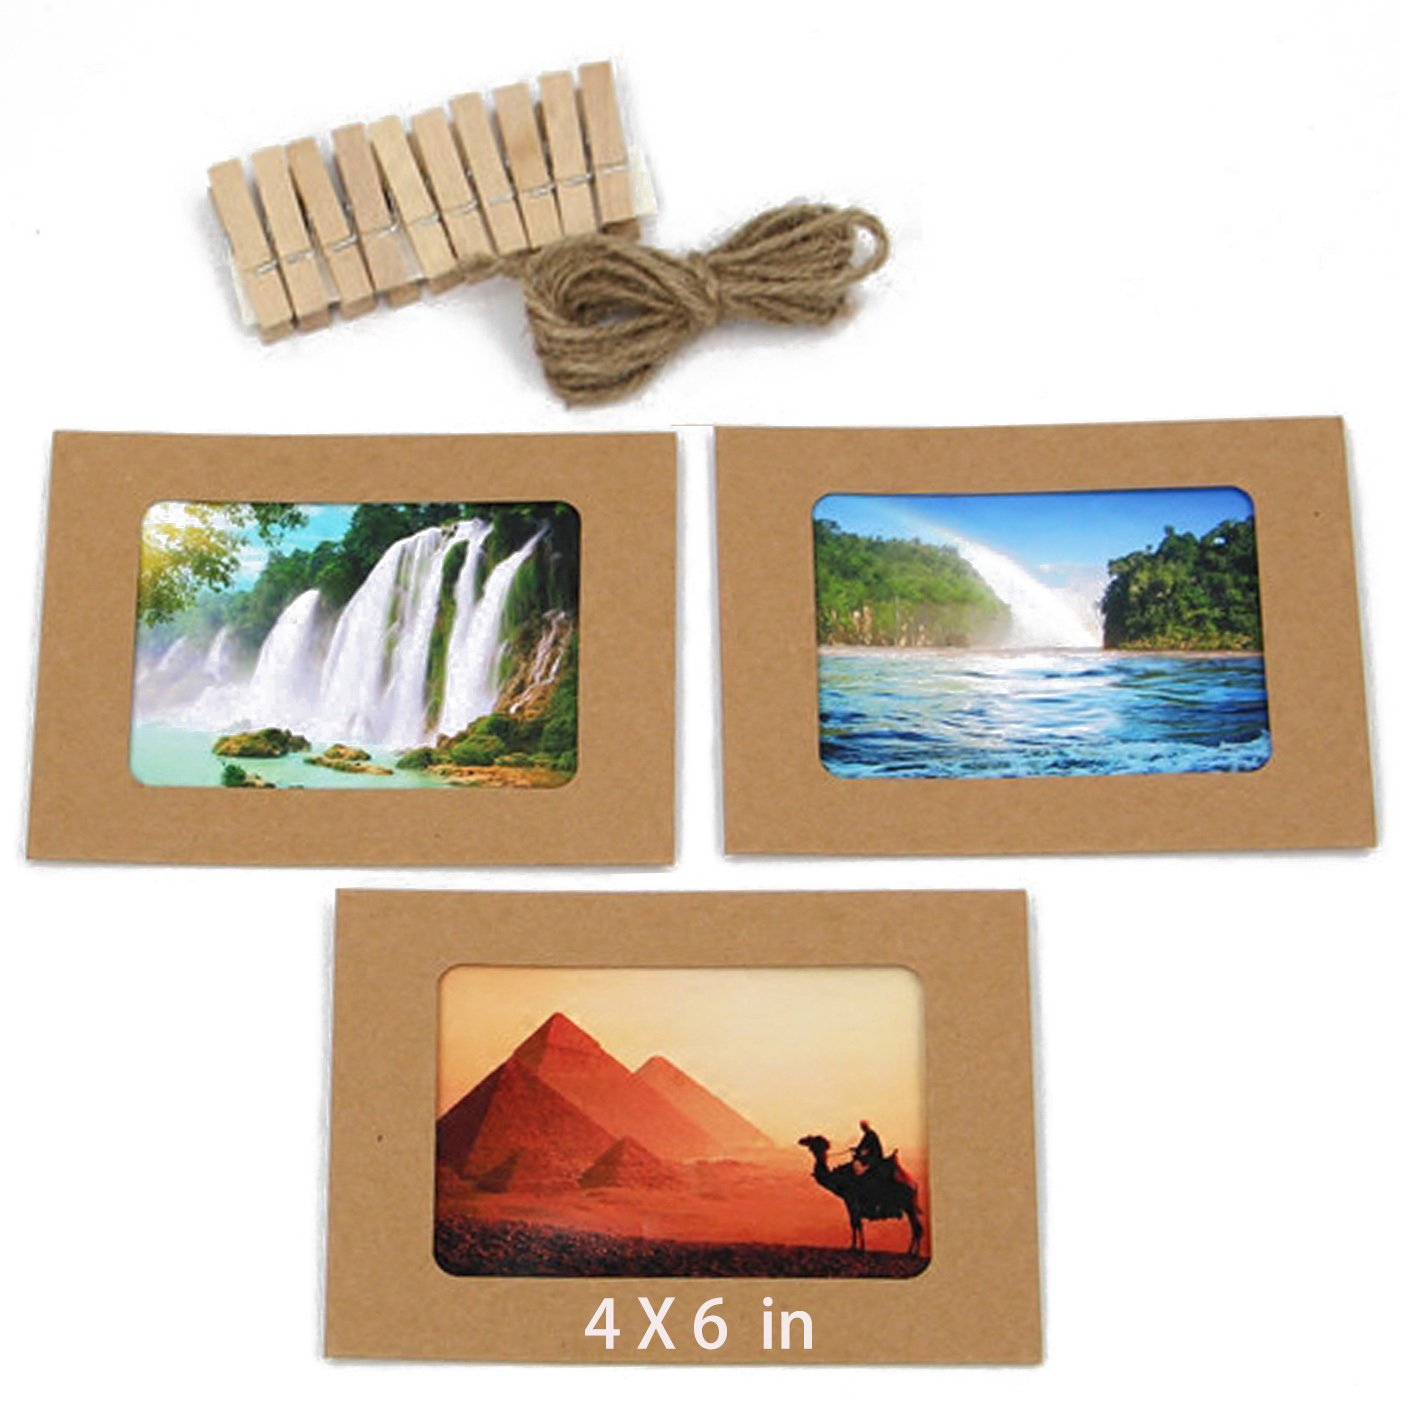 Großartig Papier Fotorahmen 4x6 Bilder - Benutzerdefinierte ...